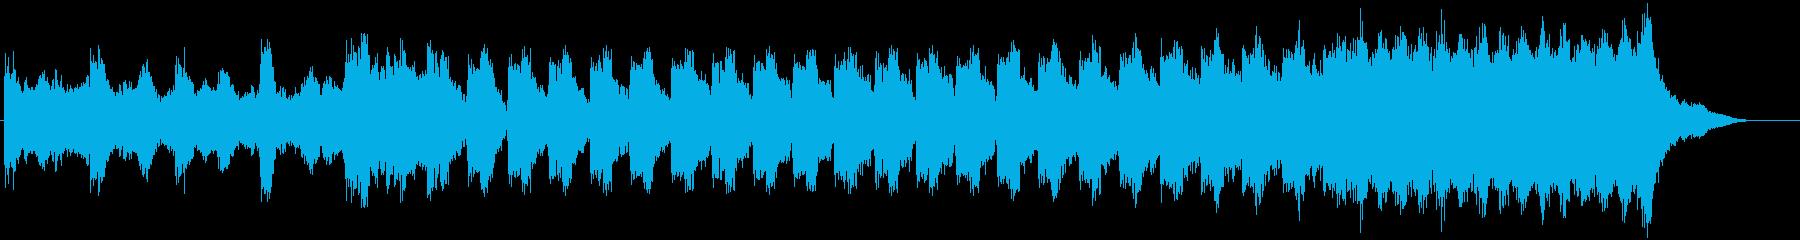 【定番】ハリウッド・アクション【煽り】の再生済みの波形